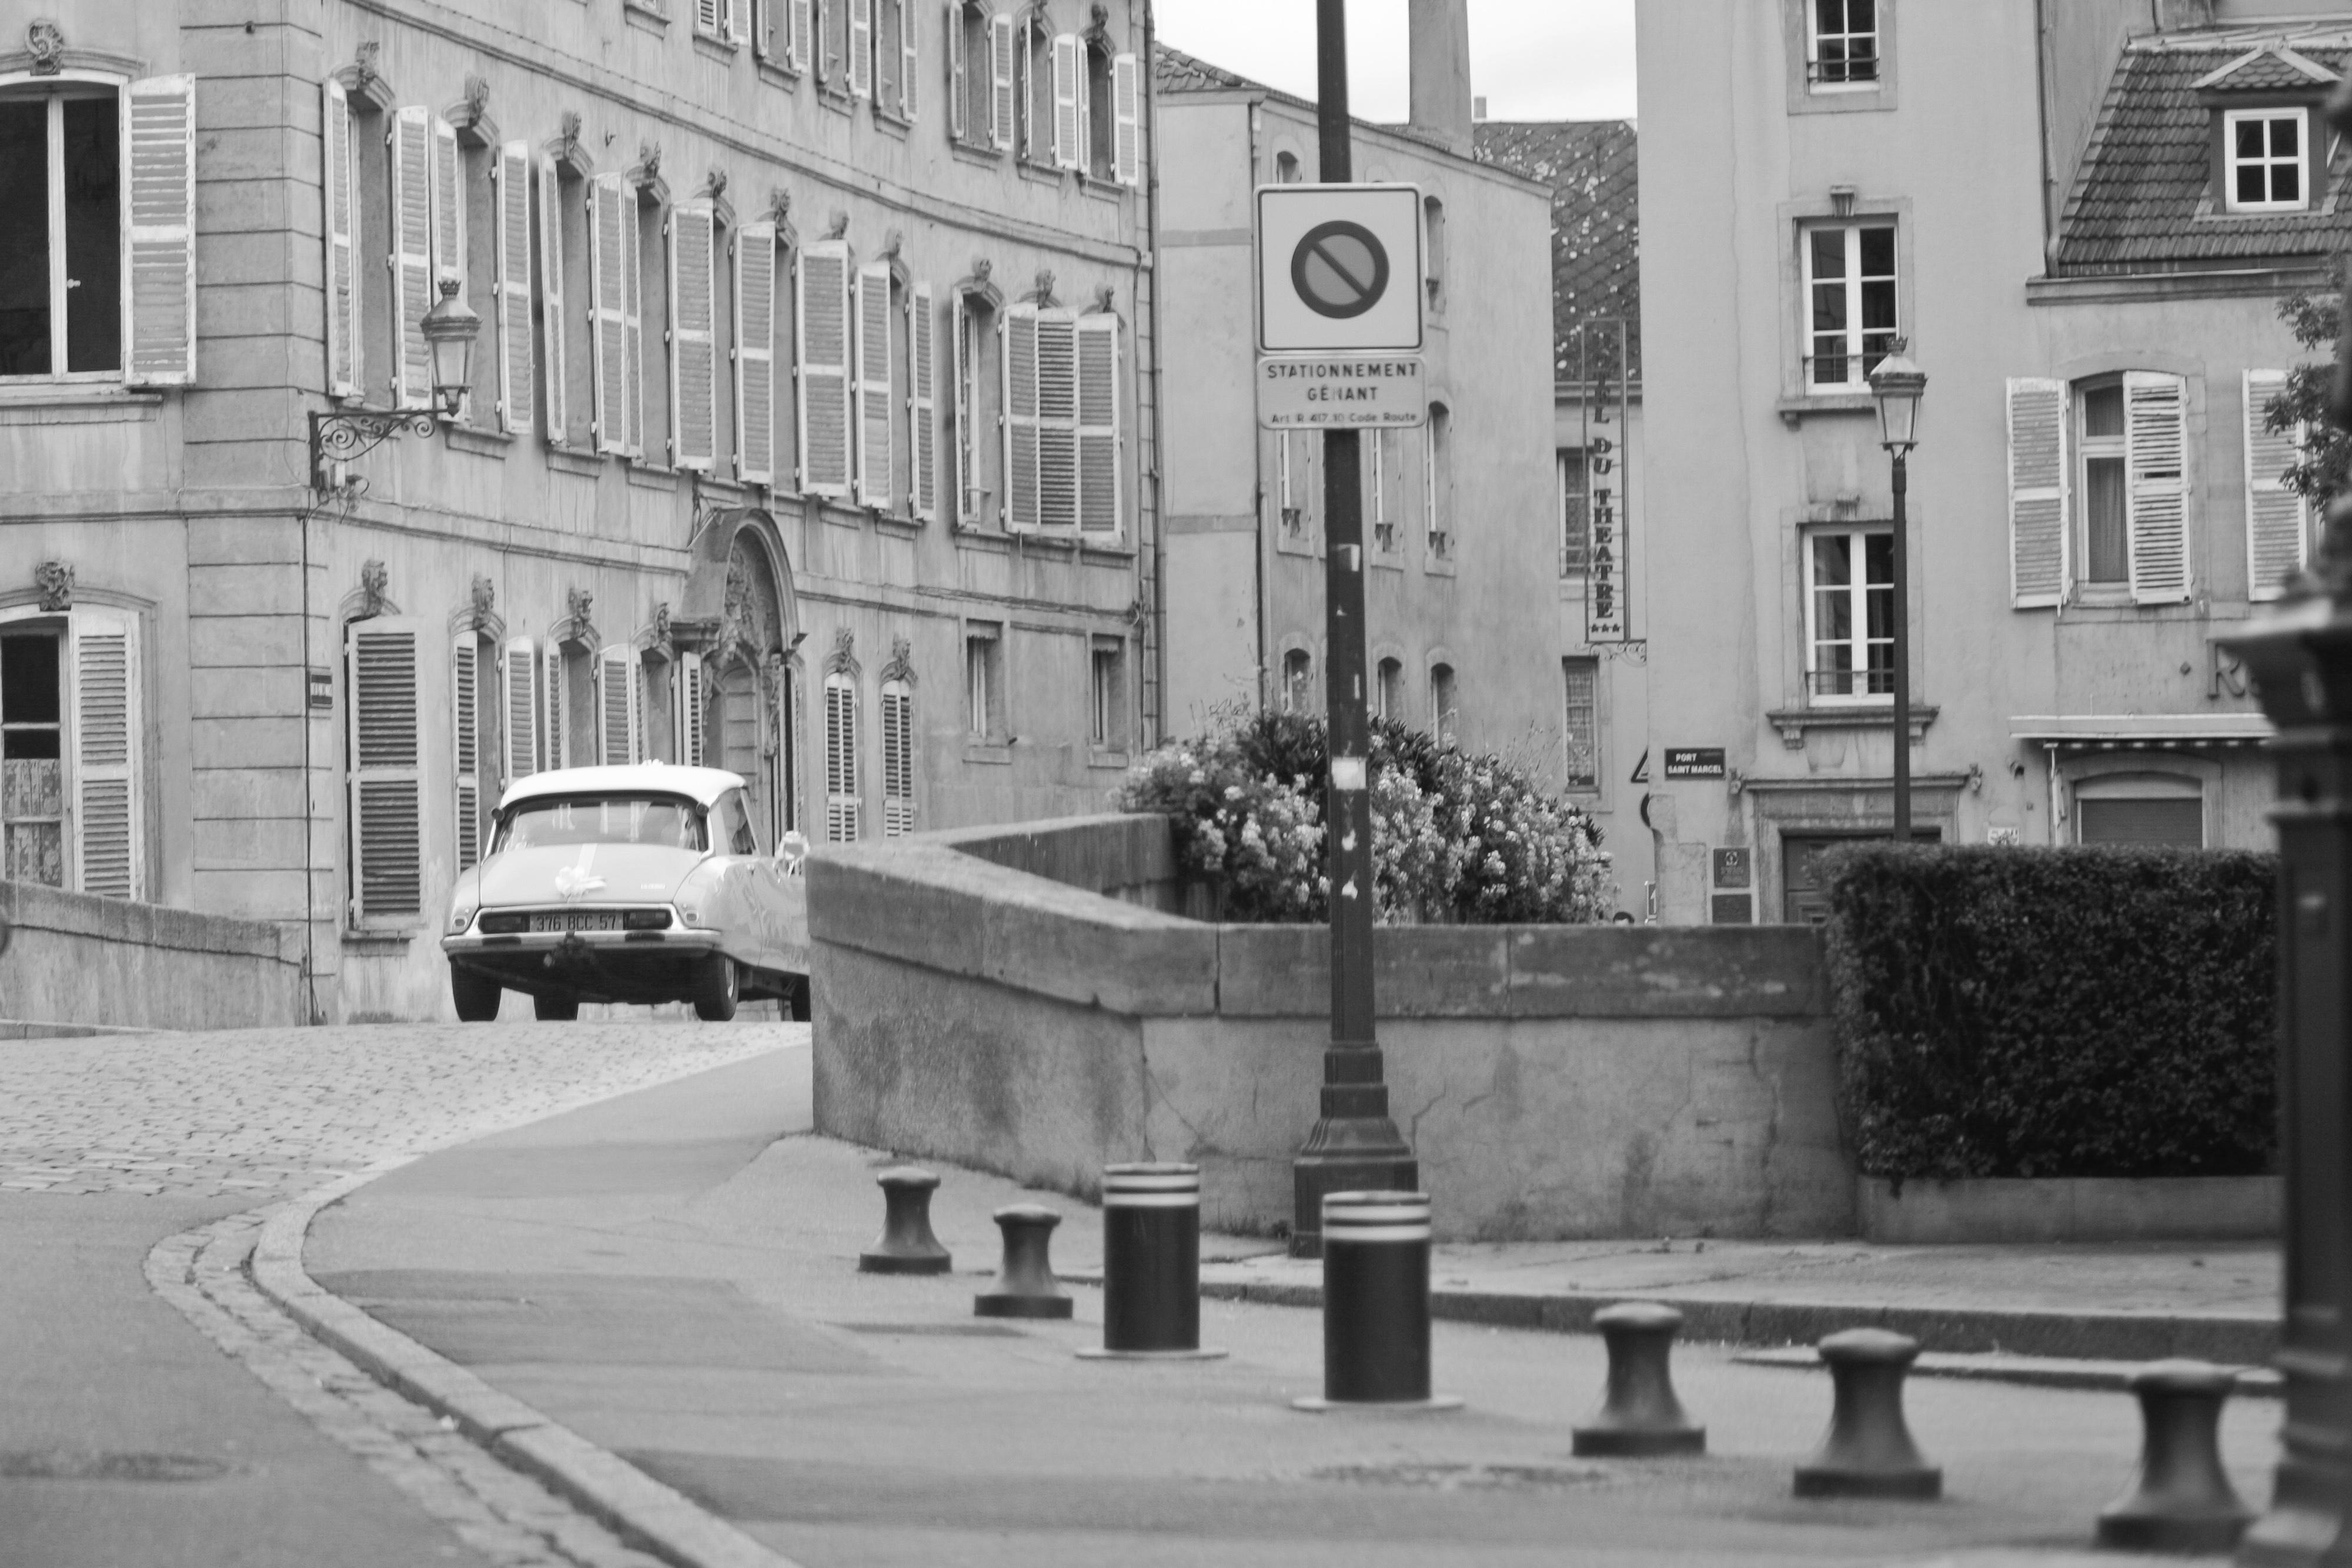 Les jolies rues pavées de la ville de Metz !